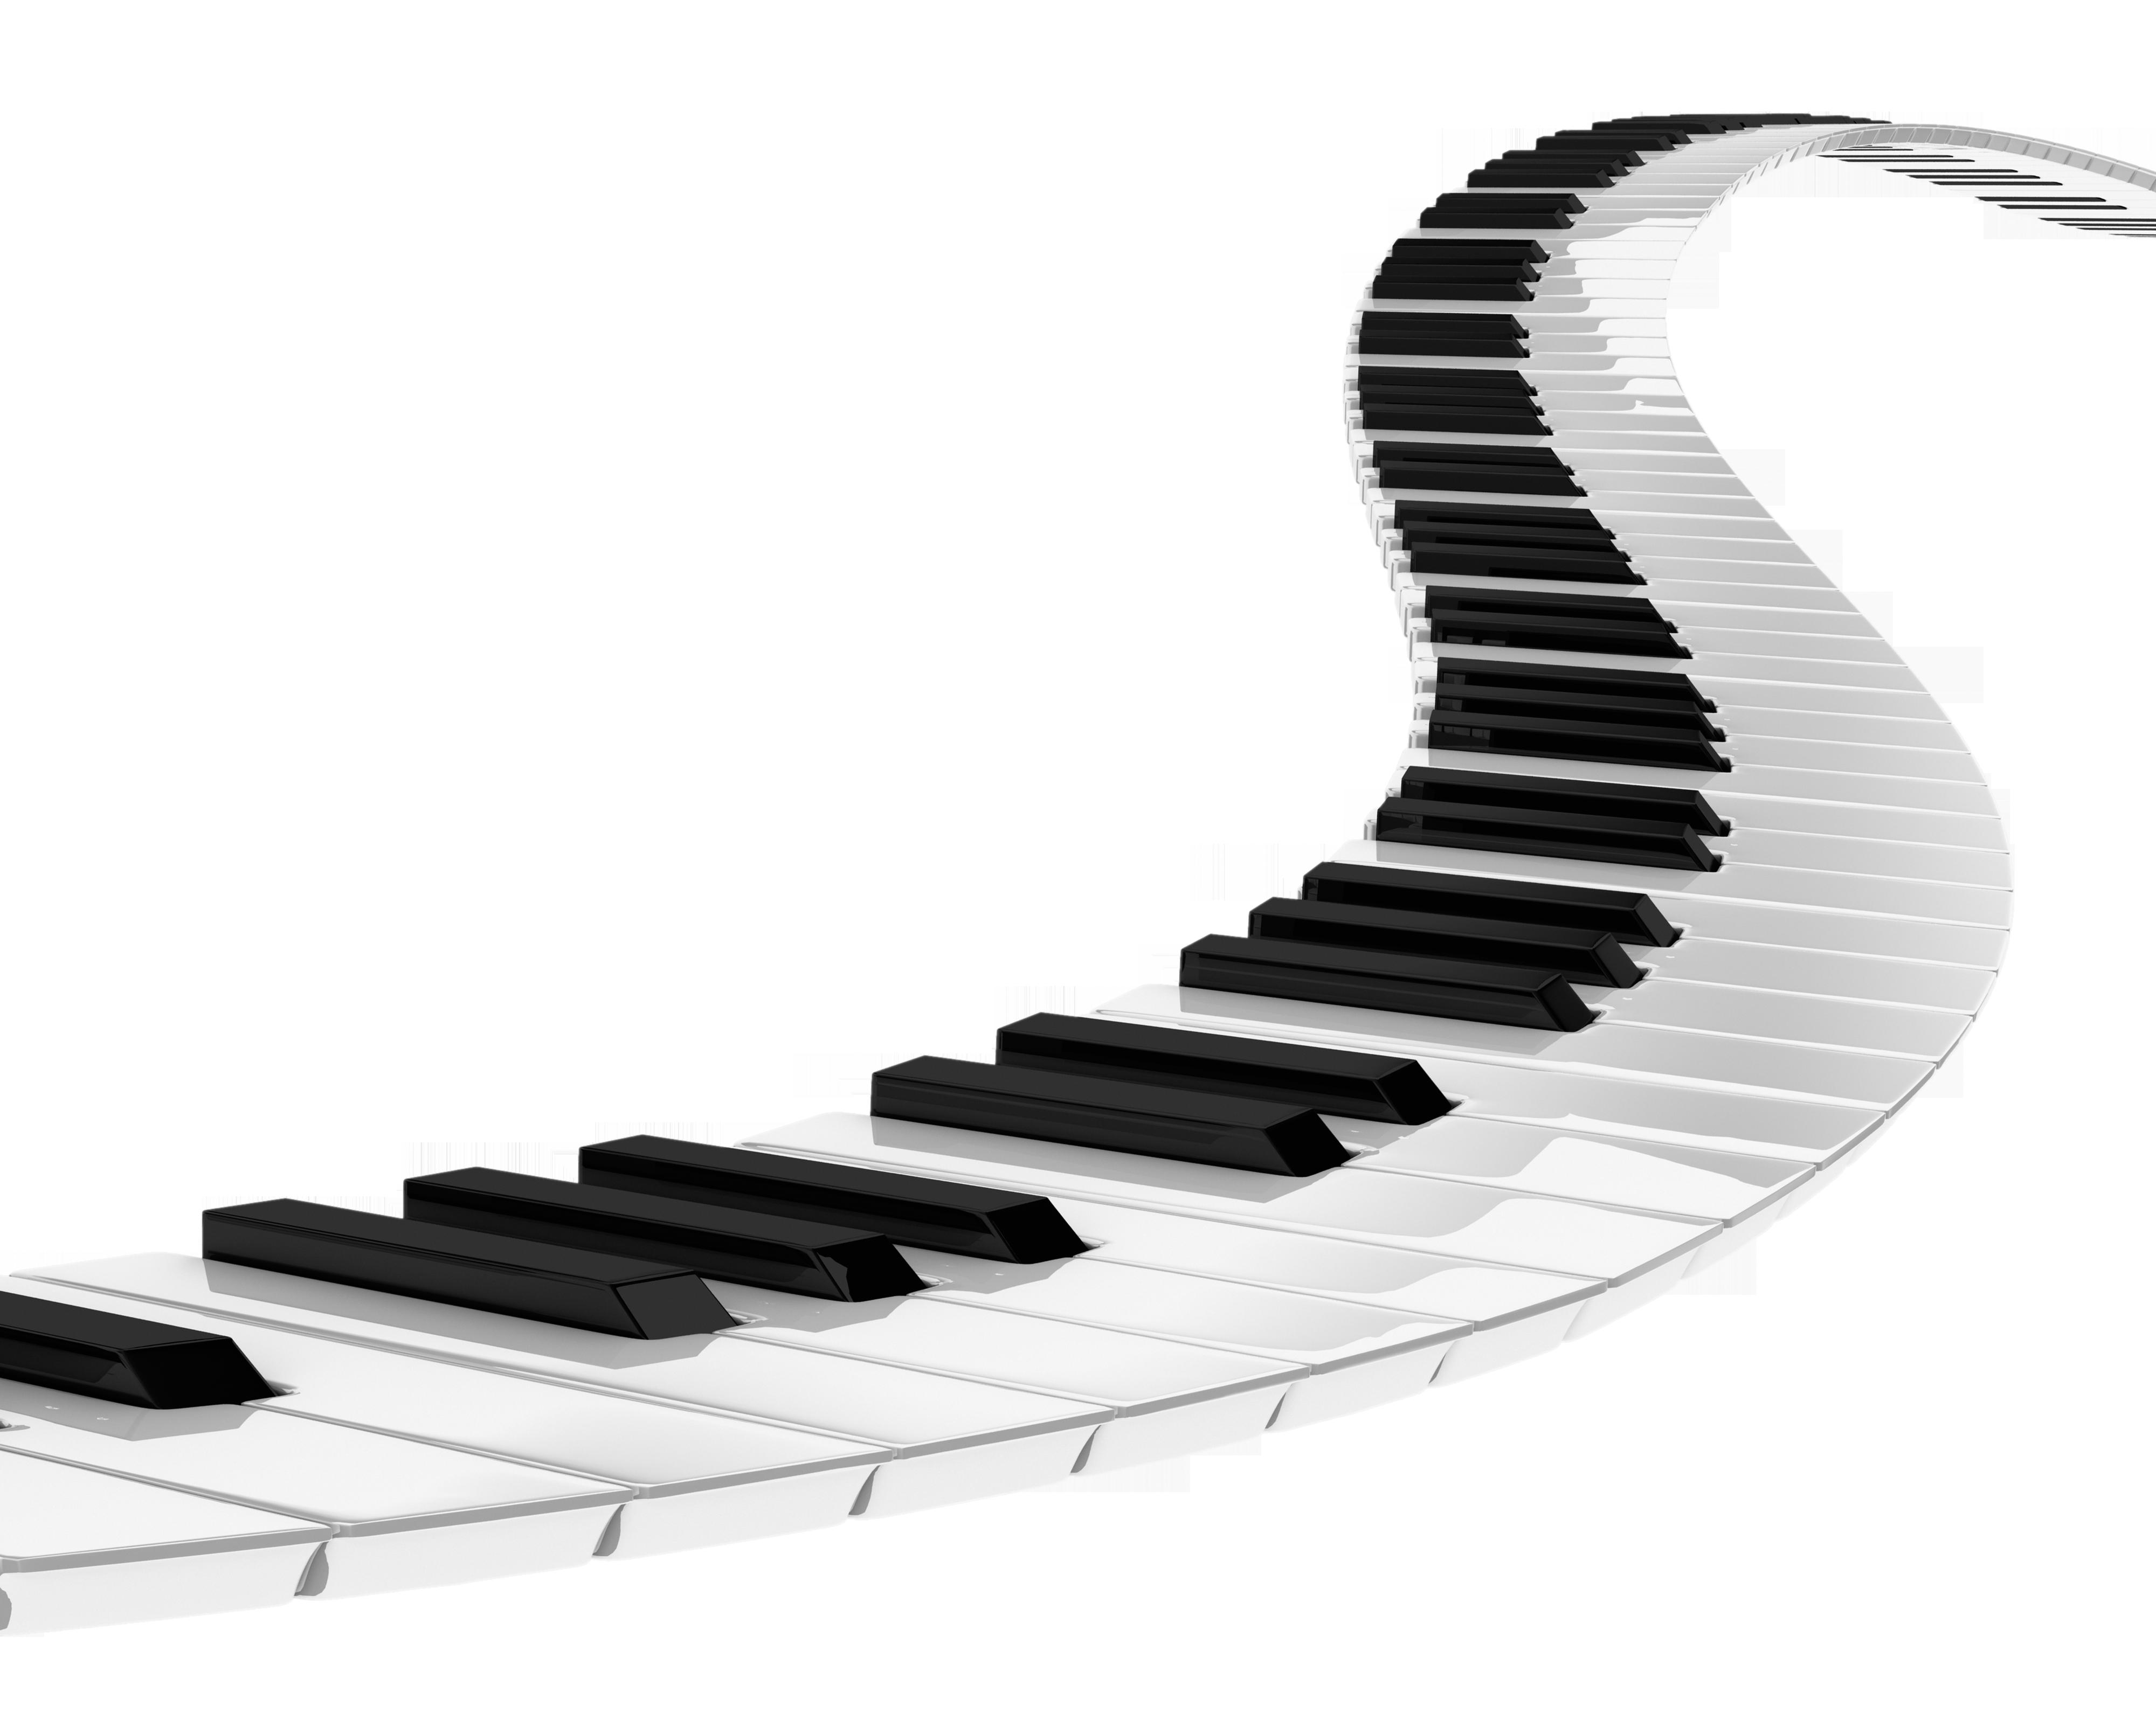 Download Piano Free Png Image Hq Png Image Freepngimg